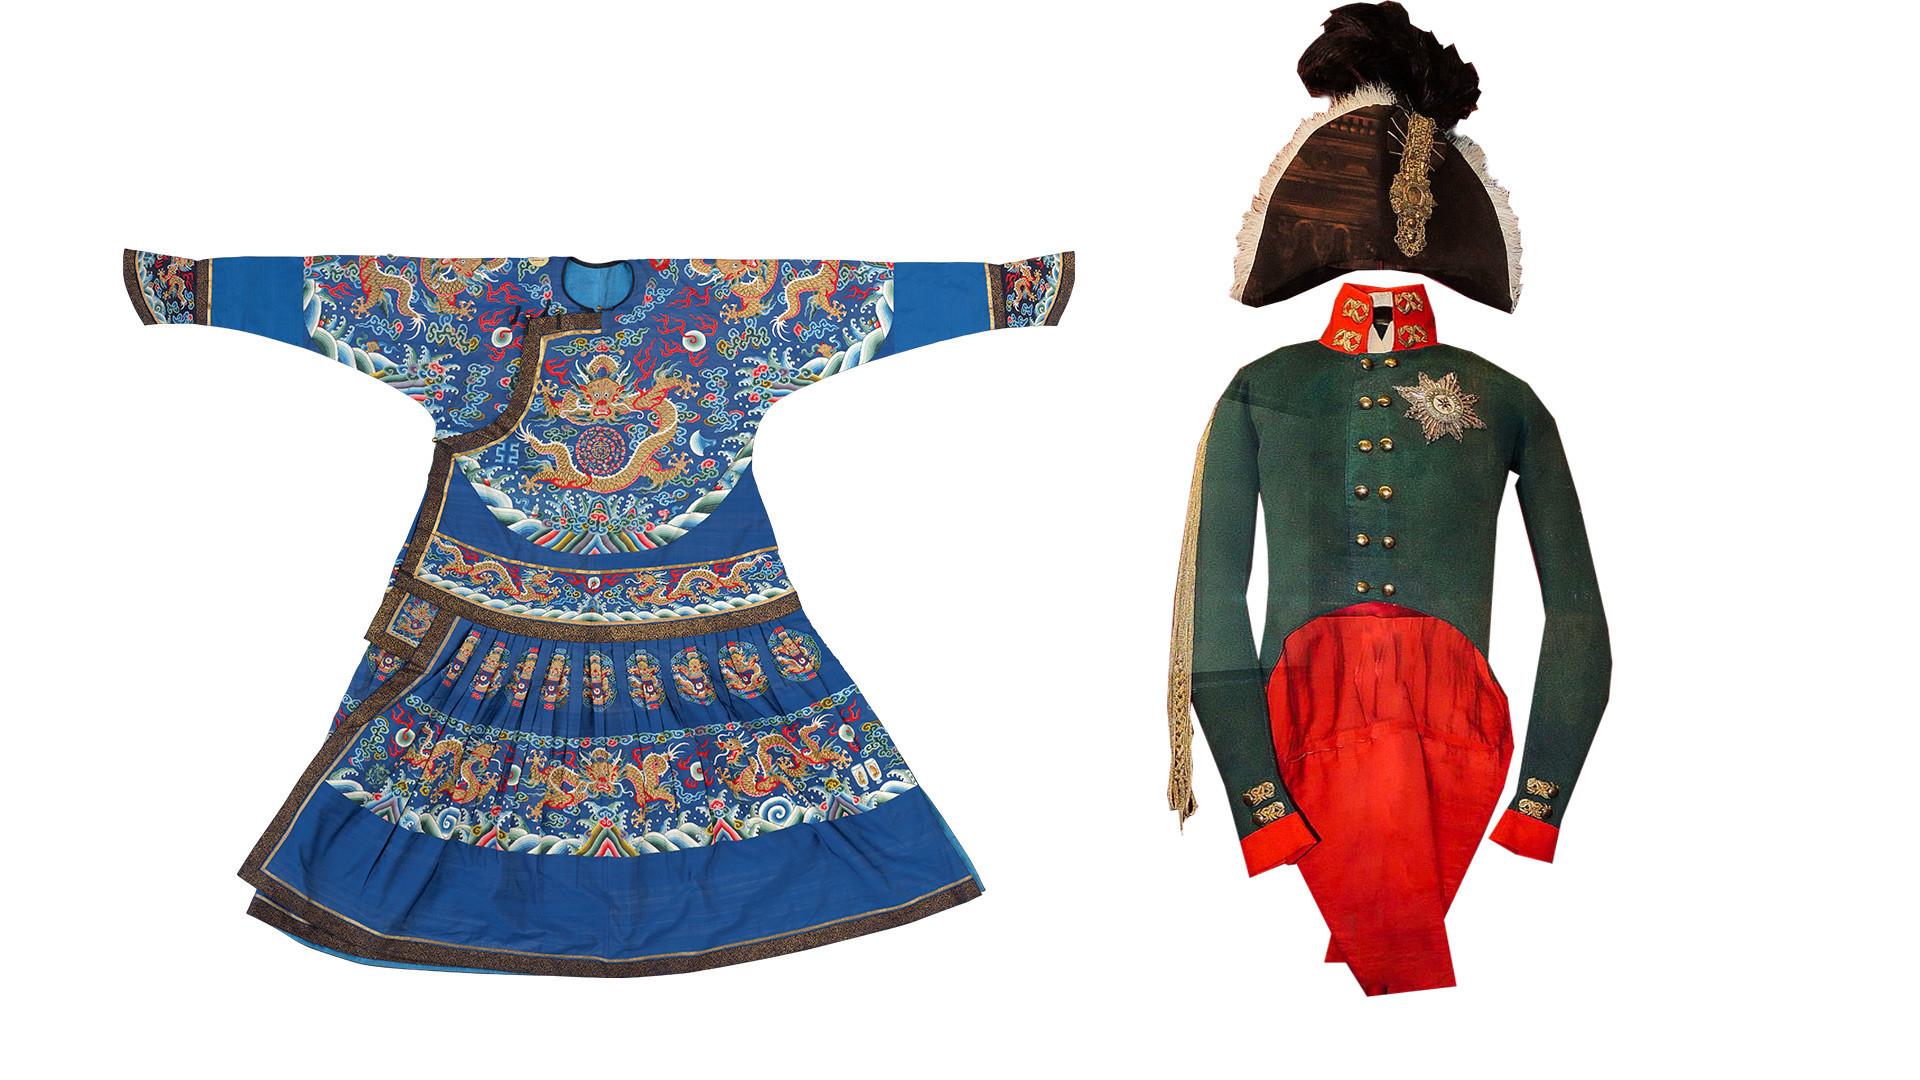 Лево: Свечена облека на царот. Династија Ќинг, владеење на Ѓаќинг (1796-1821). Десно: Облека за крунисувањето на царот Александар Први